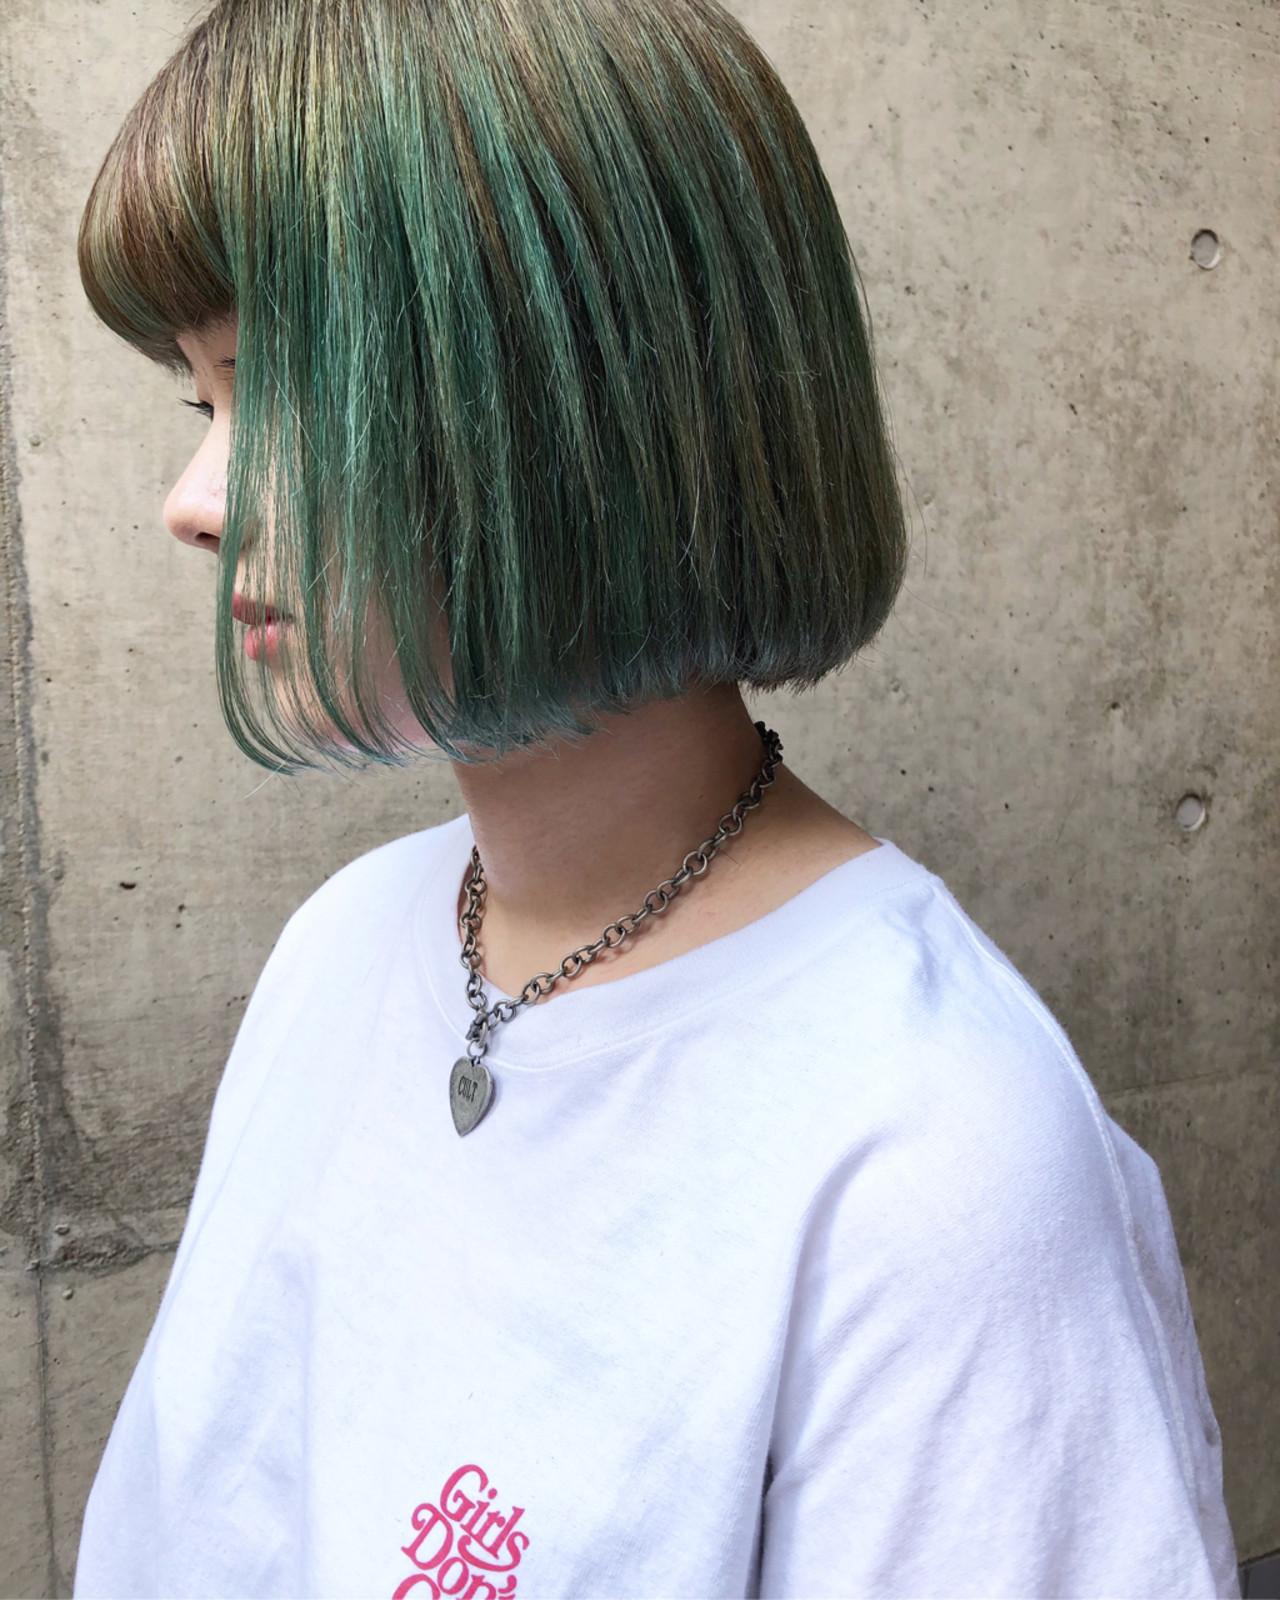 ダブルカラー グリーン ボブ ストリート ヘアスタイルや髪型の写真・画像